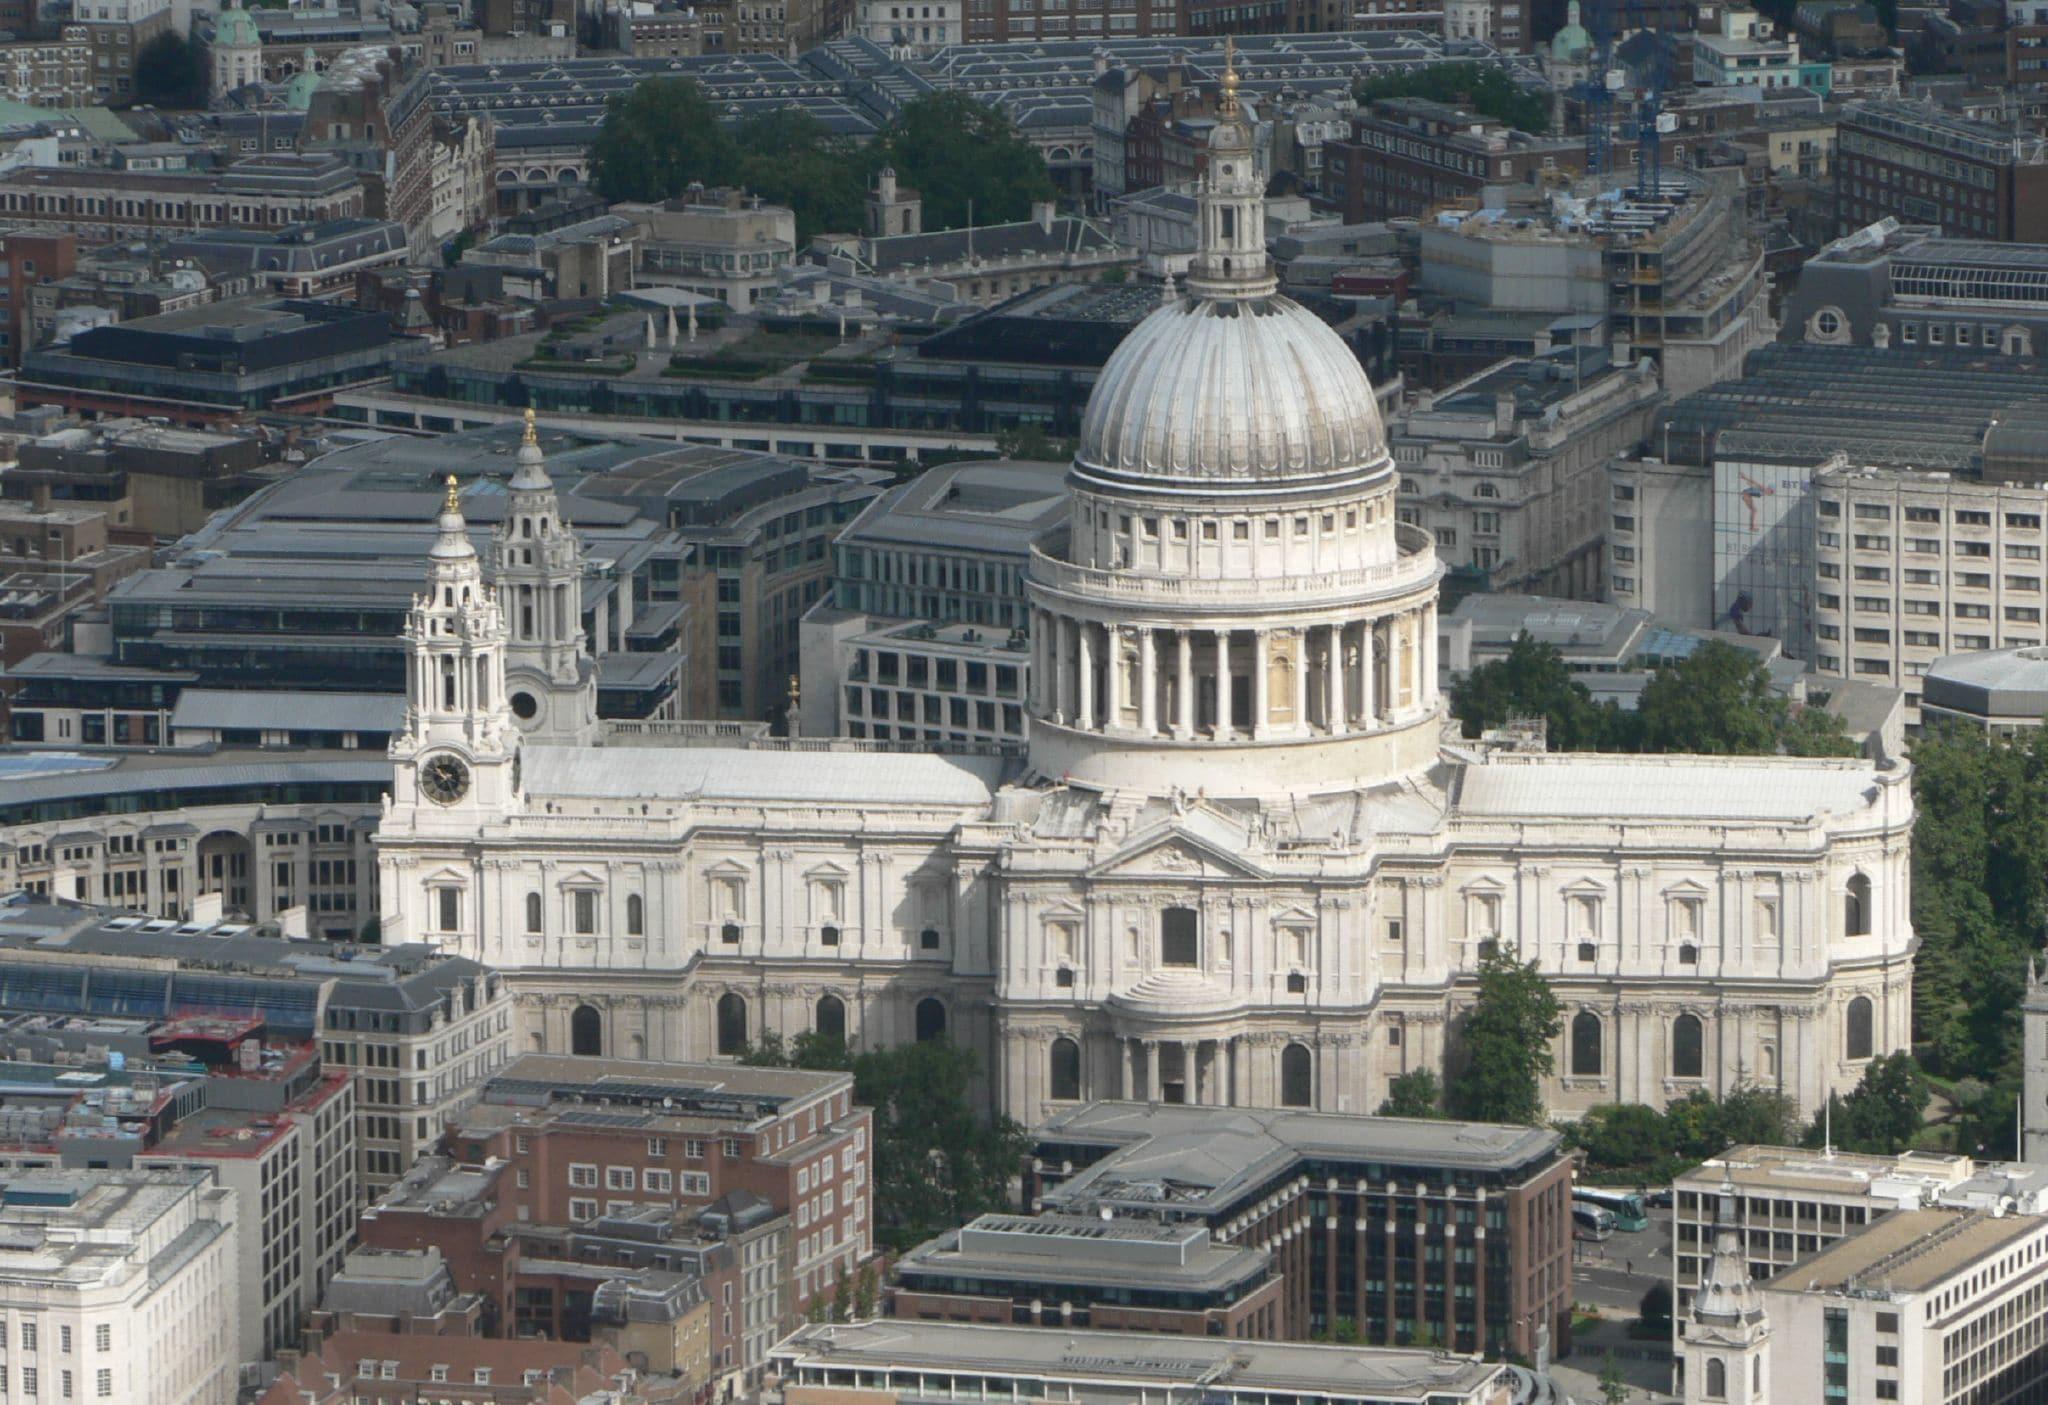 Cathédrale Saint Paul à Londres : Incontournable merveille londonienne [City]